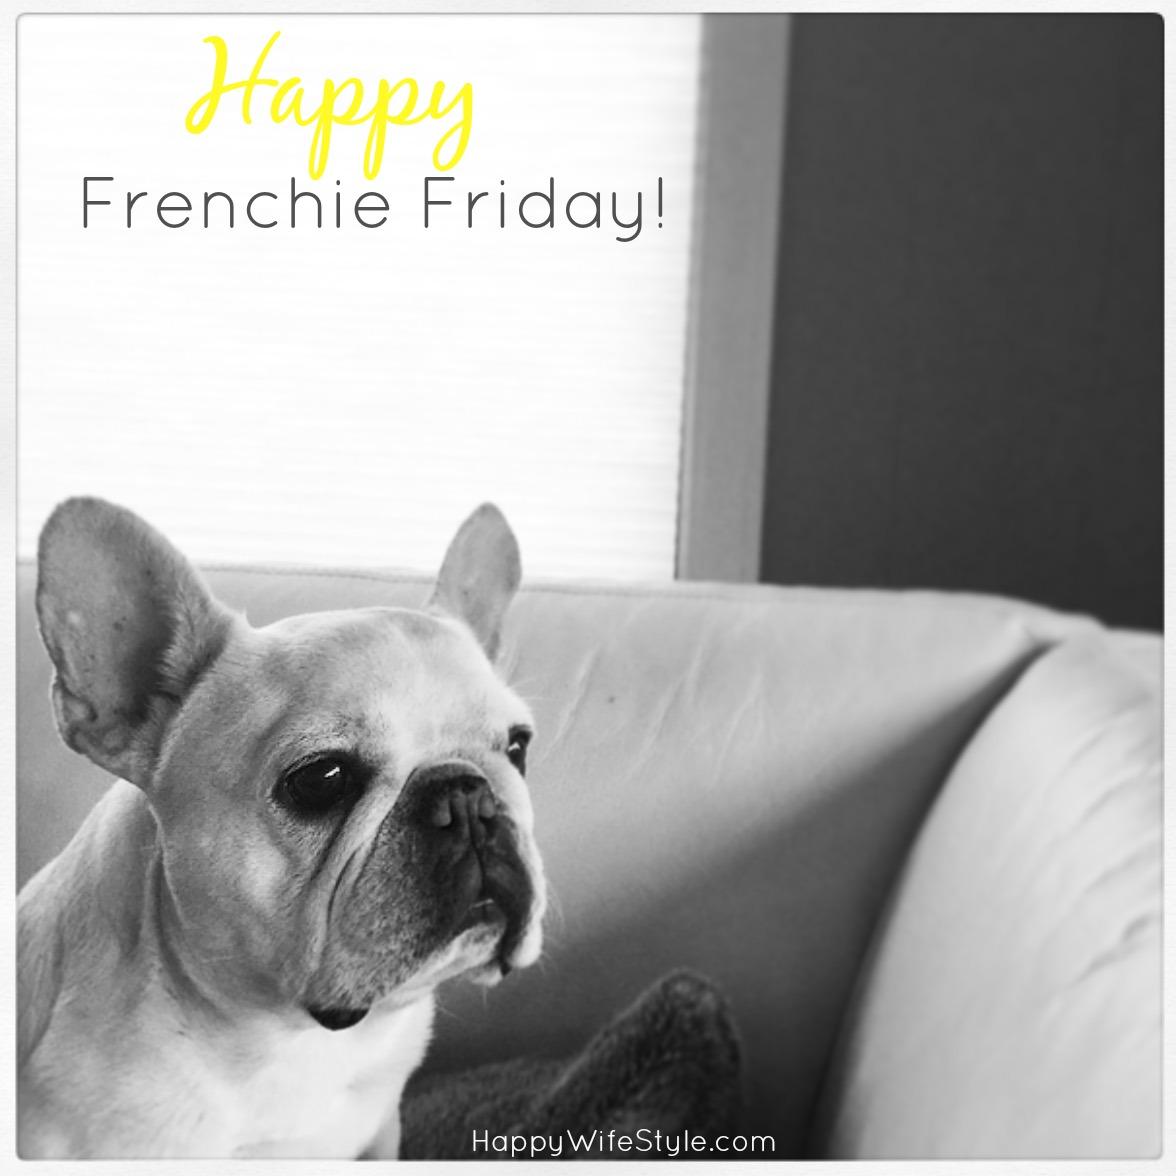 frenchie_friday